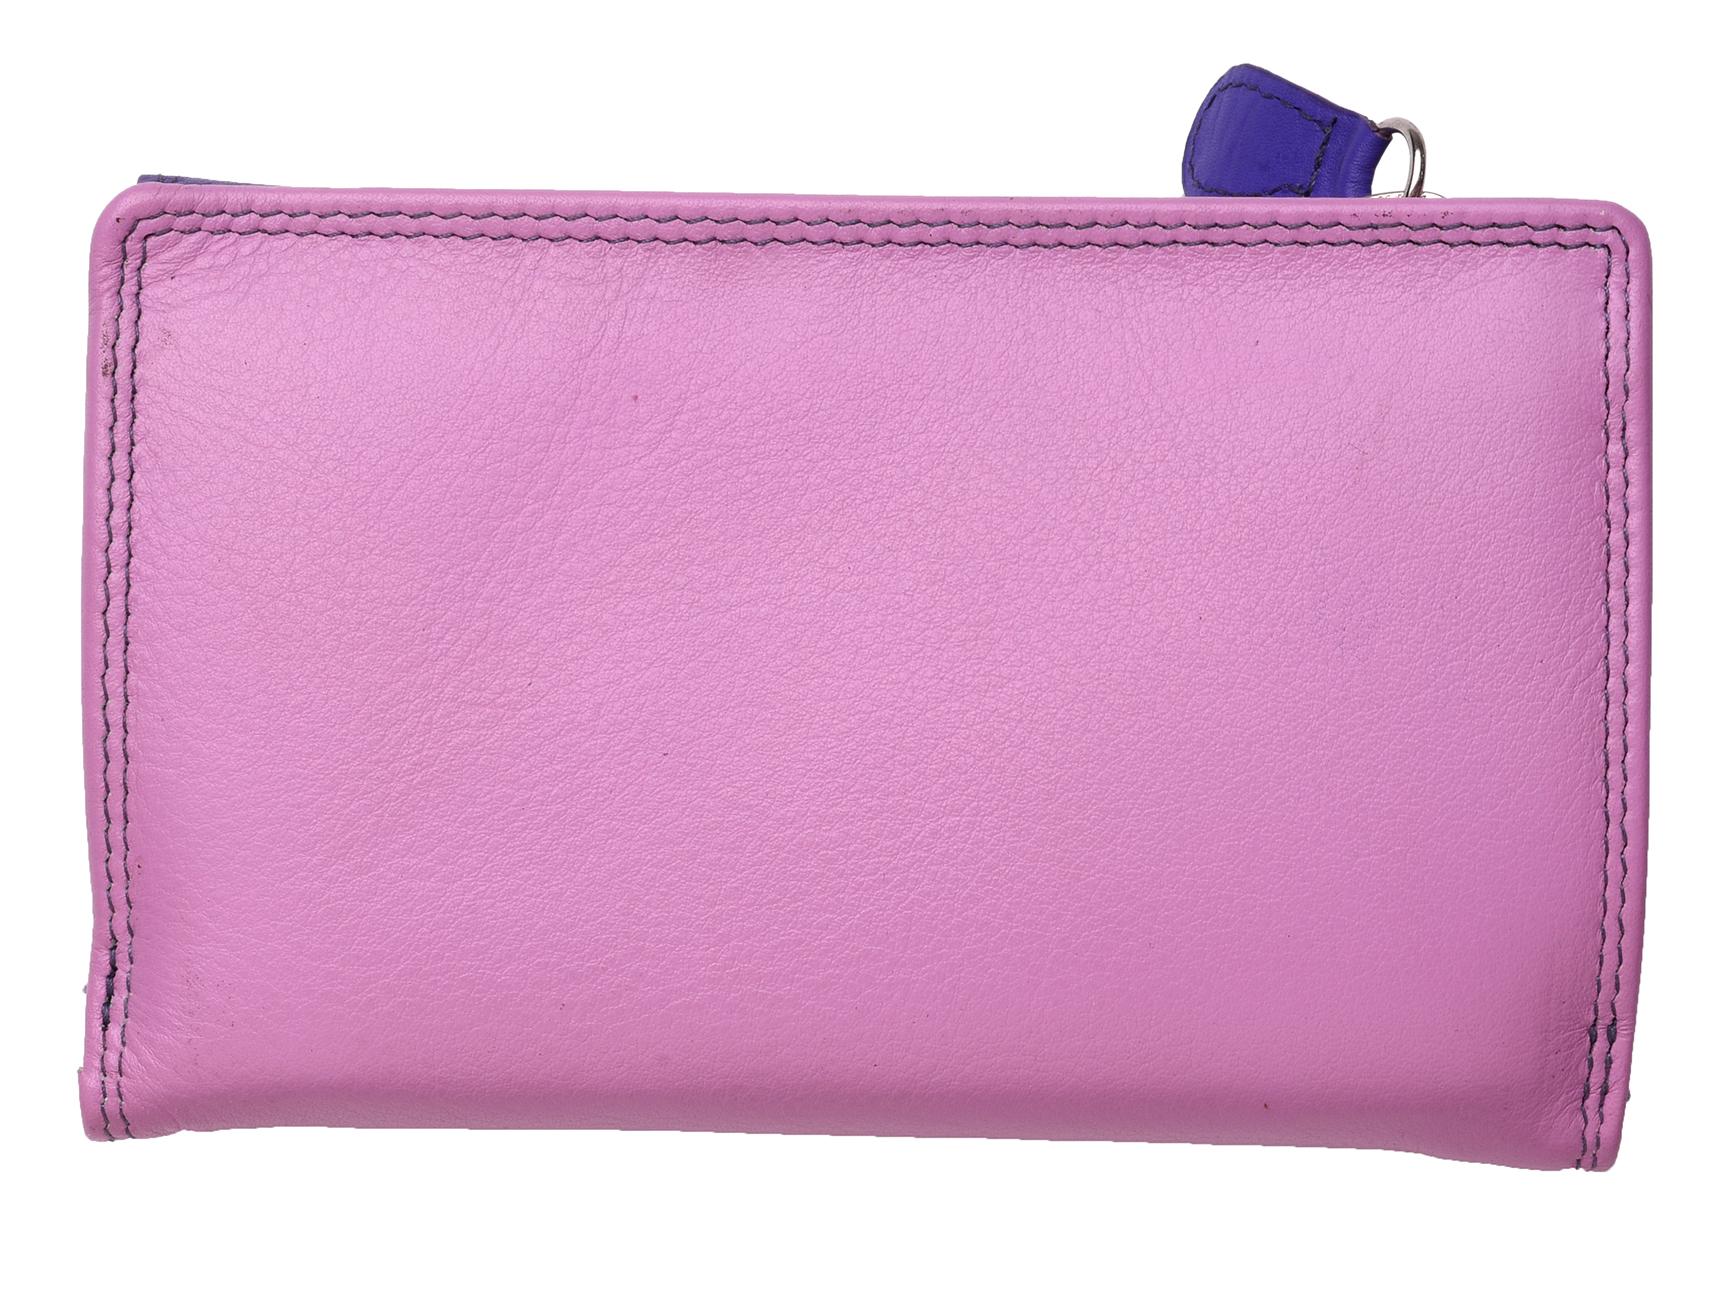 Mesdames-RFID-Bloquant-Super-Doux-Cuir-Veritable-Sac-a-Main-Portefeuille-Noir-Rose-Violet miniature 25